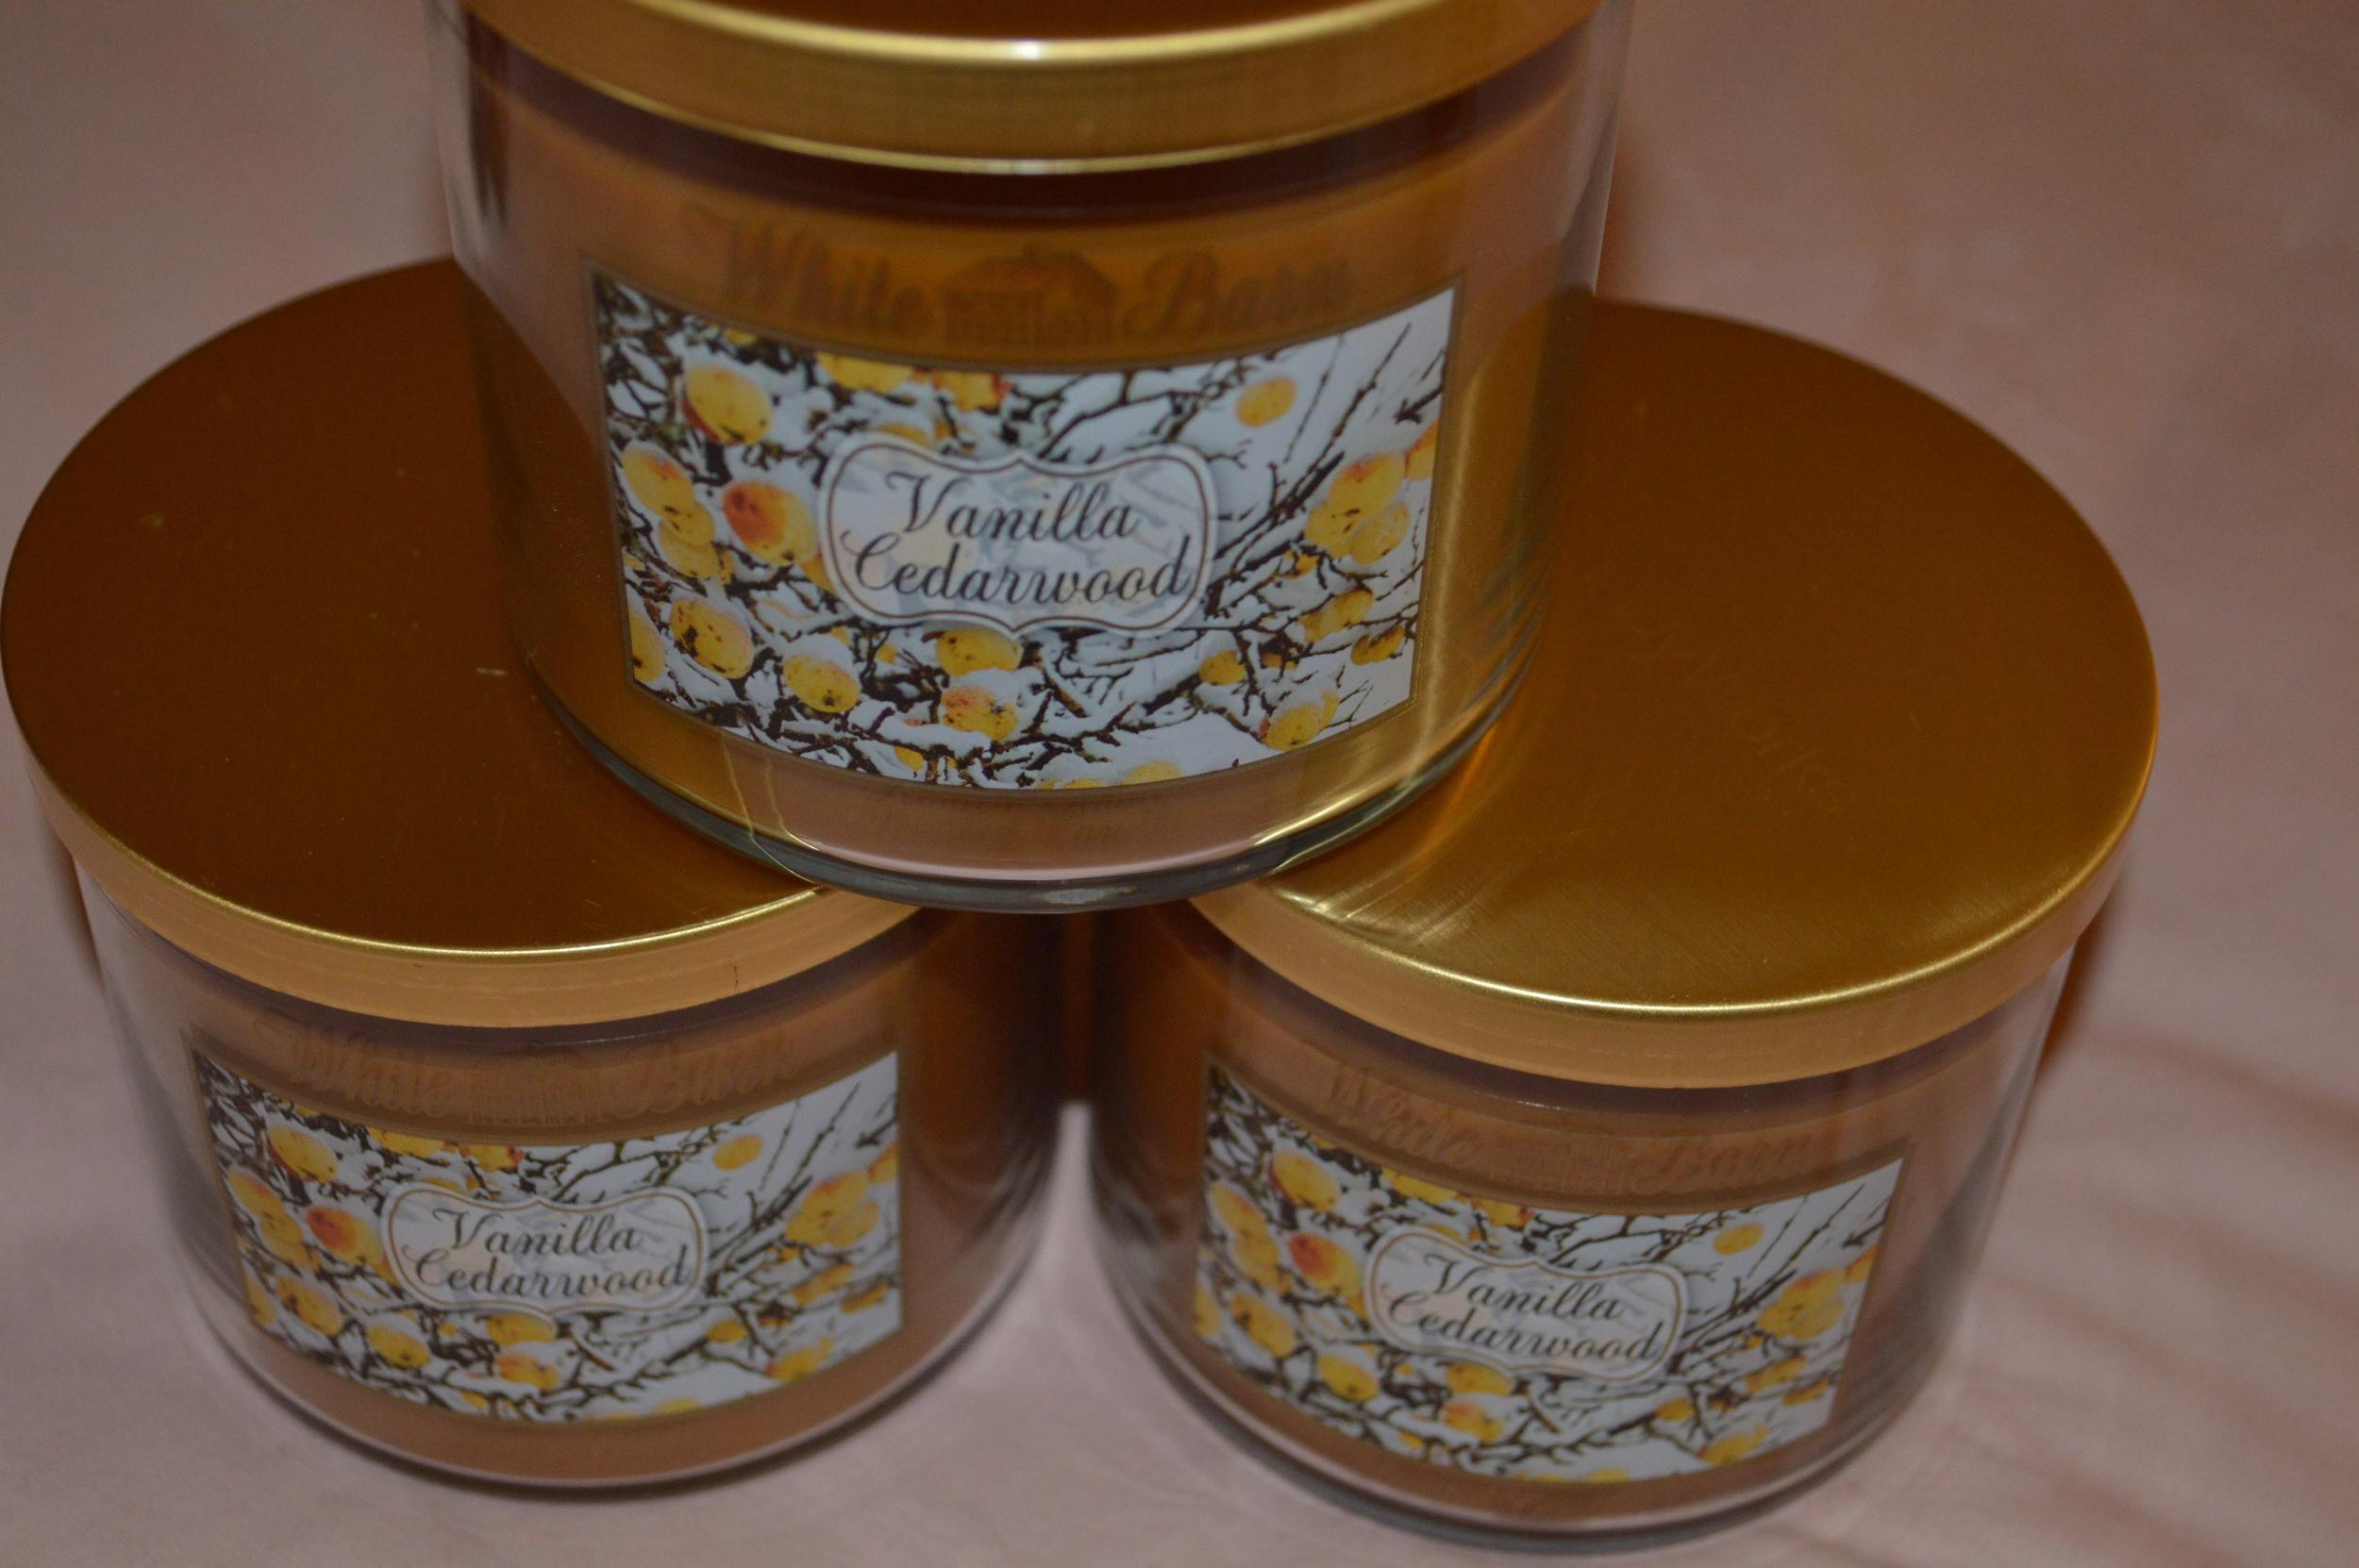 Bath & Body Works - Vanilla Cedarwood Candles